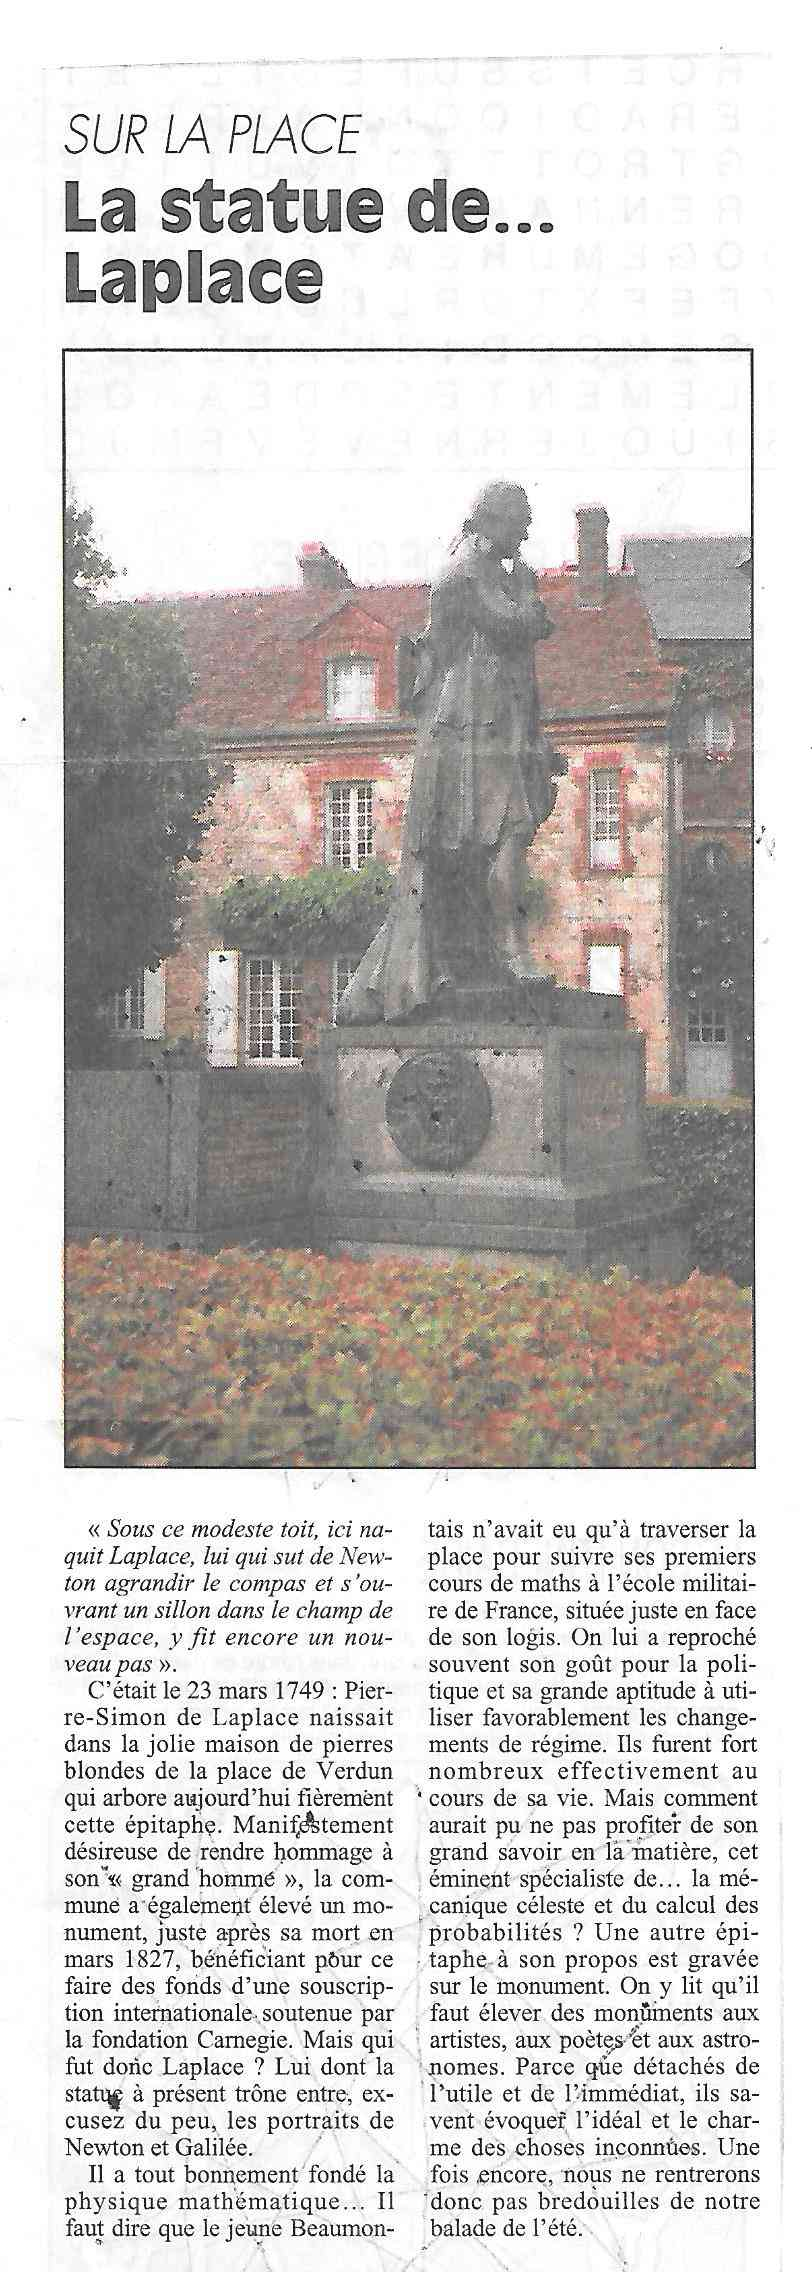 Histoire des communes - Beaumont-en-Auge 329